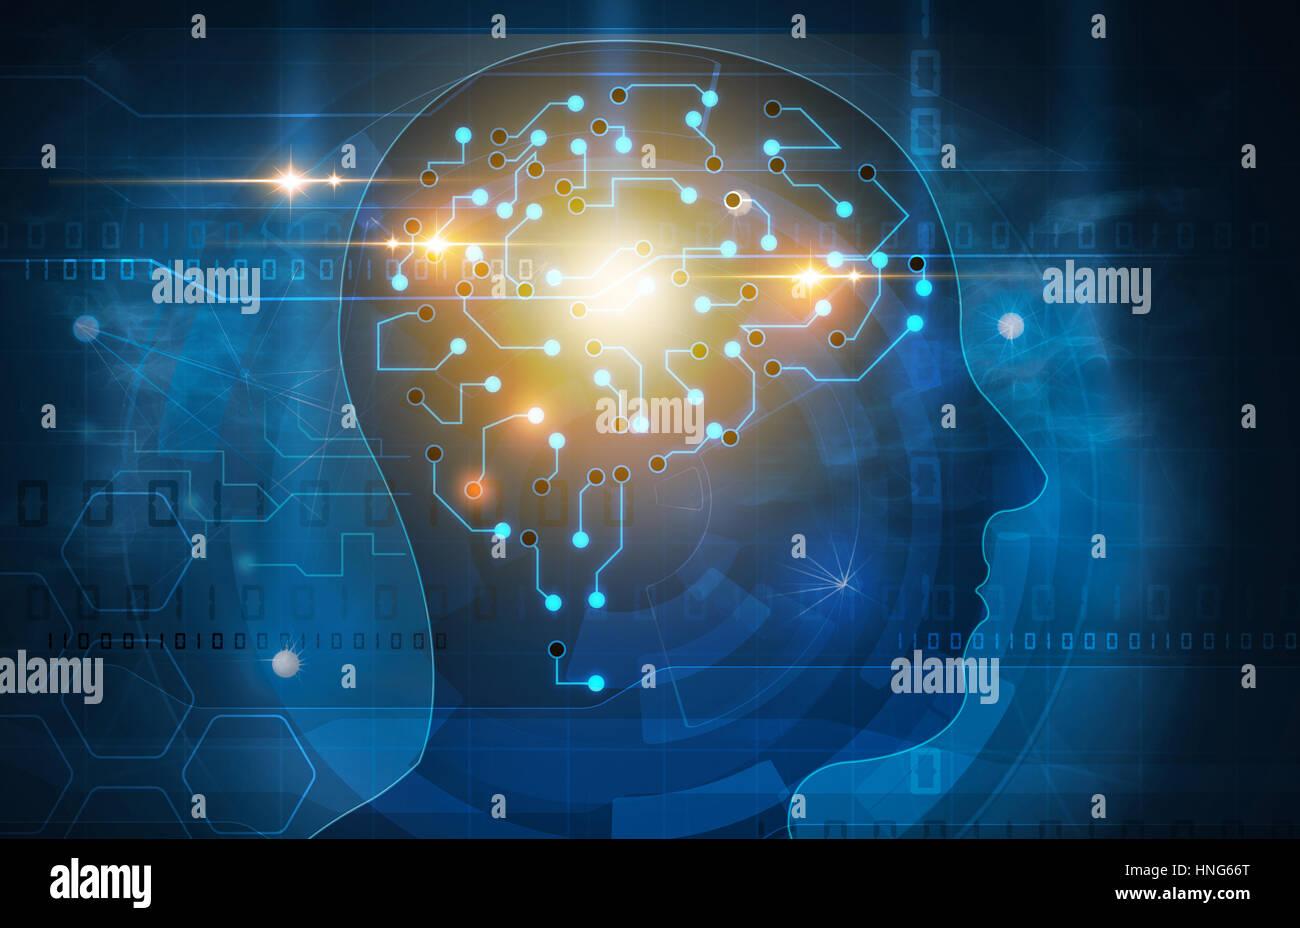 Cerebro Humano cabeza ilustración Imagen De Stock